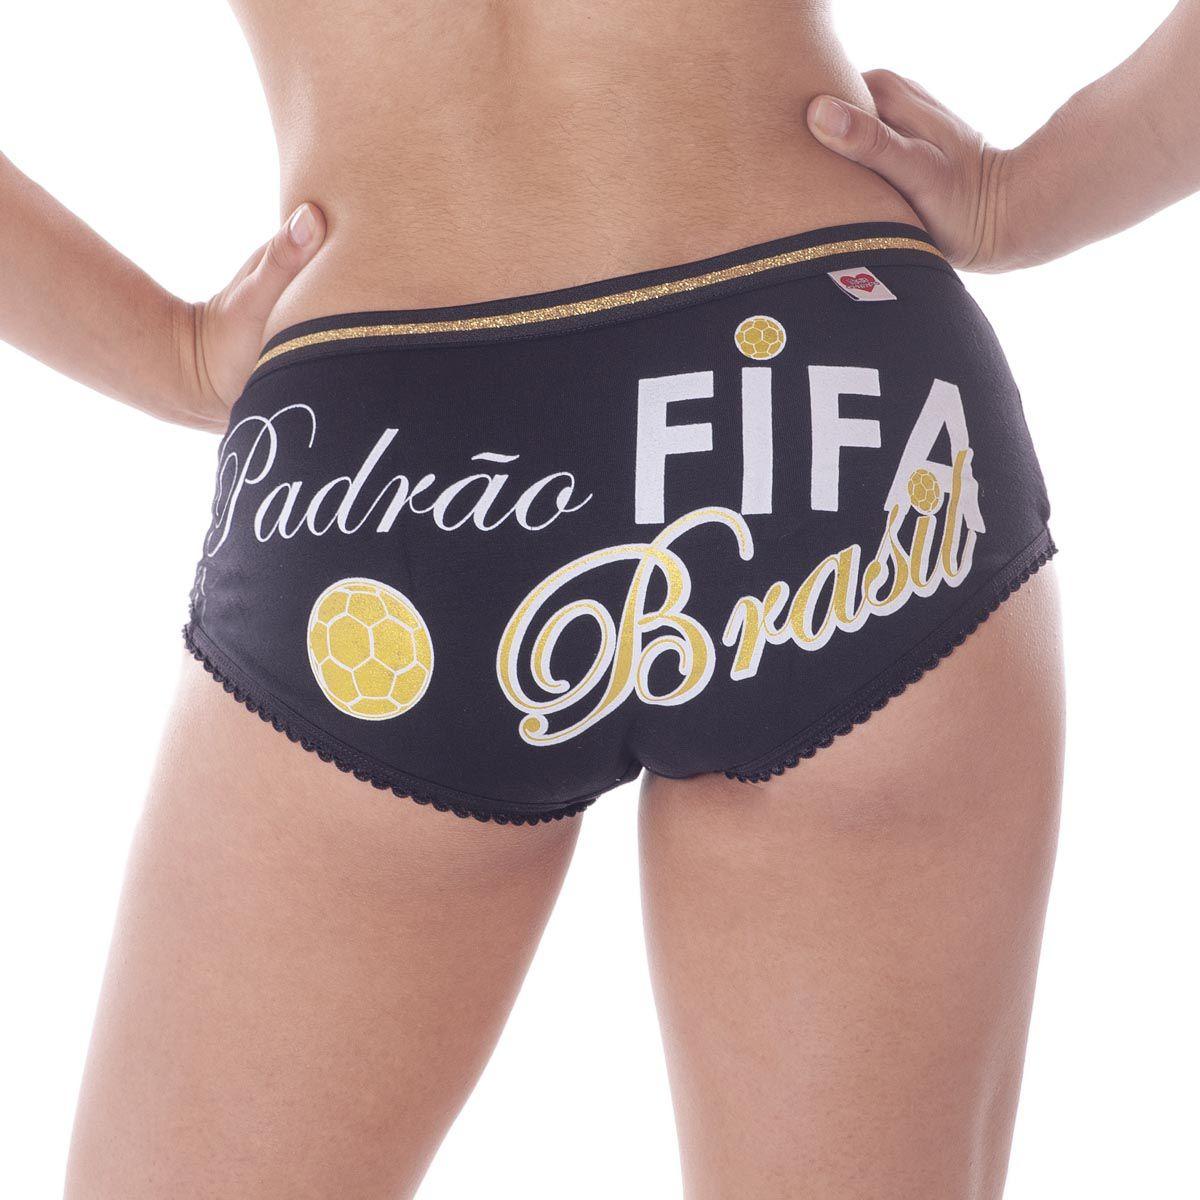 Calcinha Cueca Padrão Fifa  -